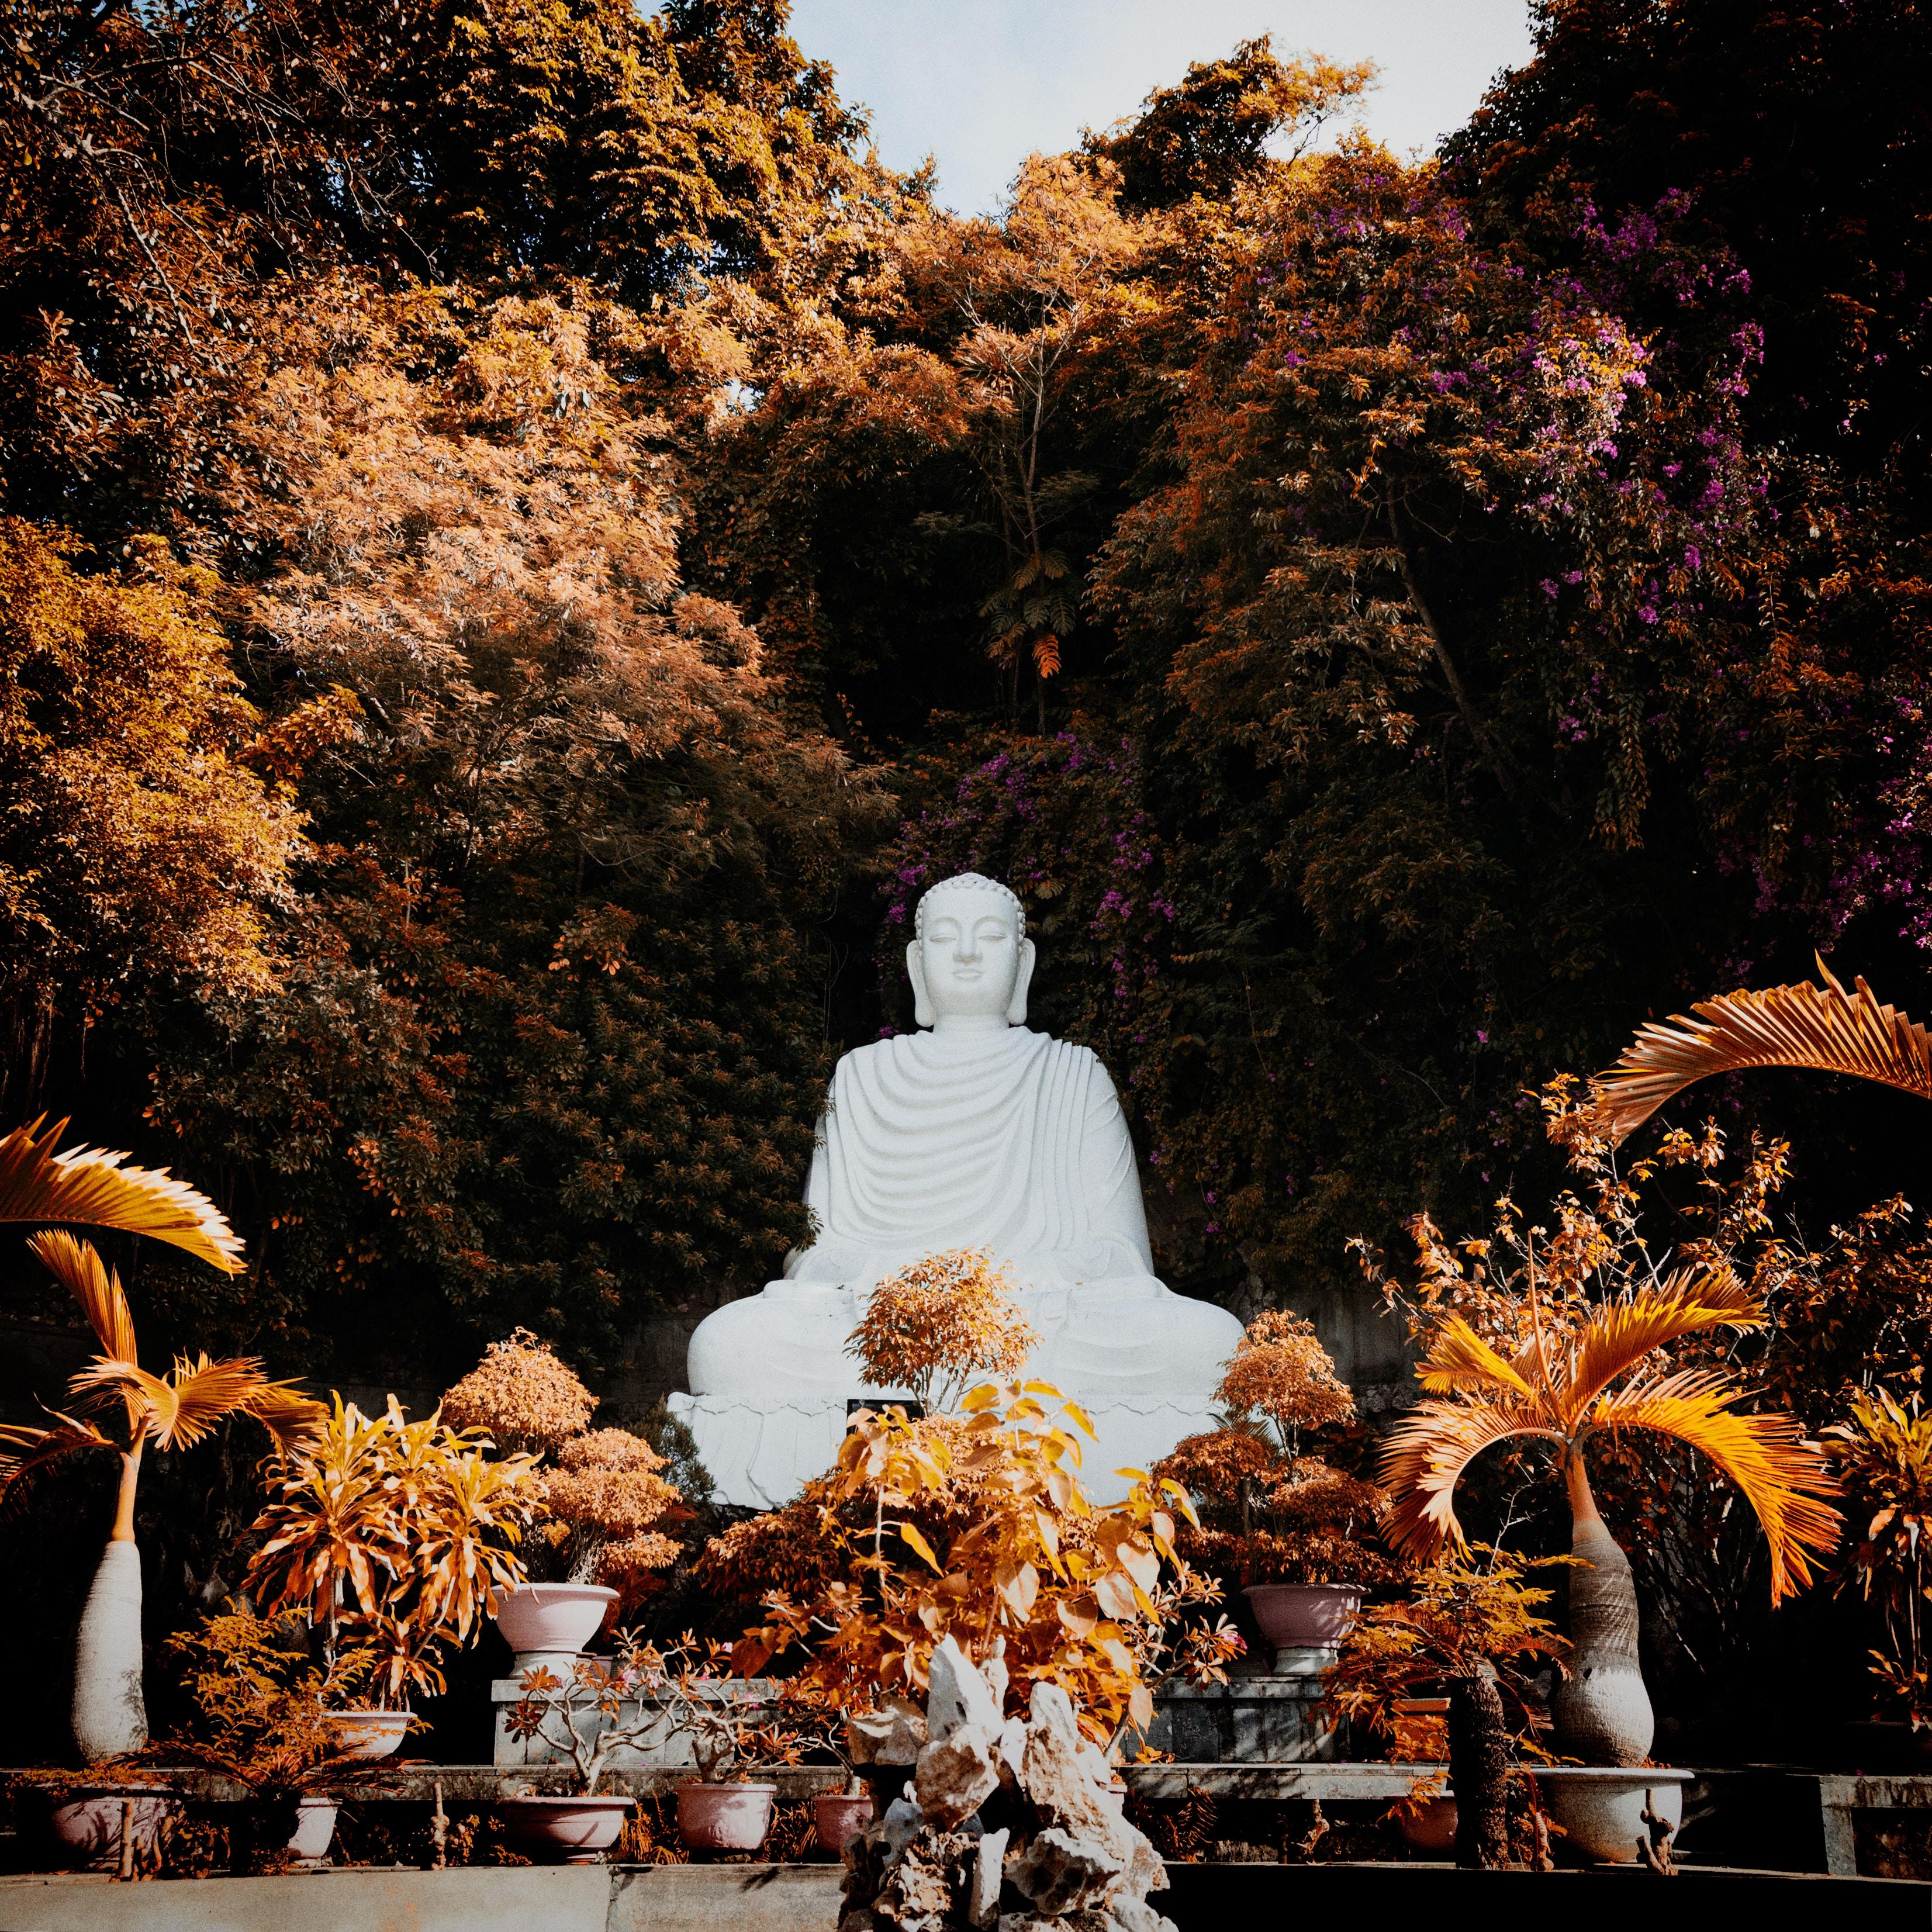 138058 скачать обои Разное, Будда, Буддизм, Гармония, Скульптура, Деревья, Растения - заставки и картинки бесплатно